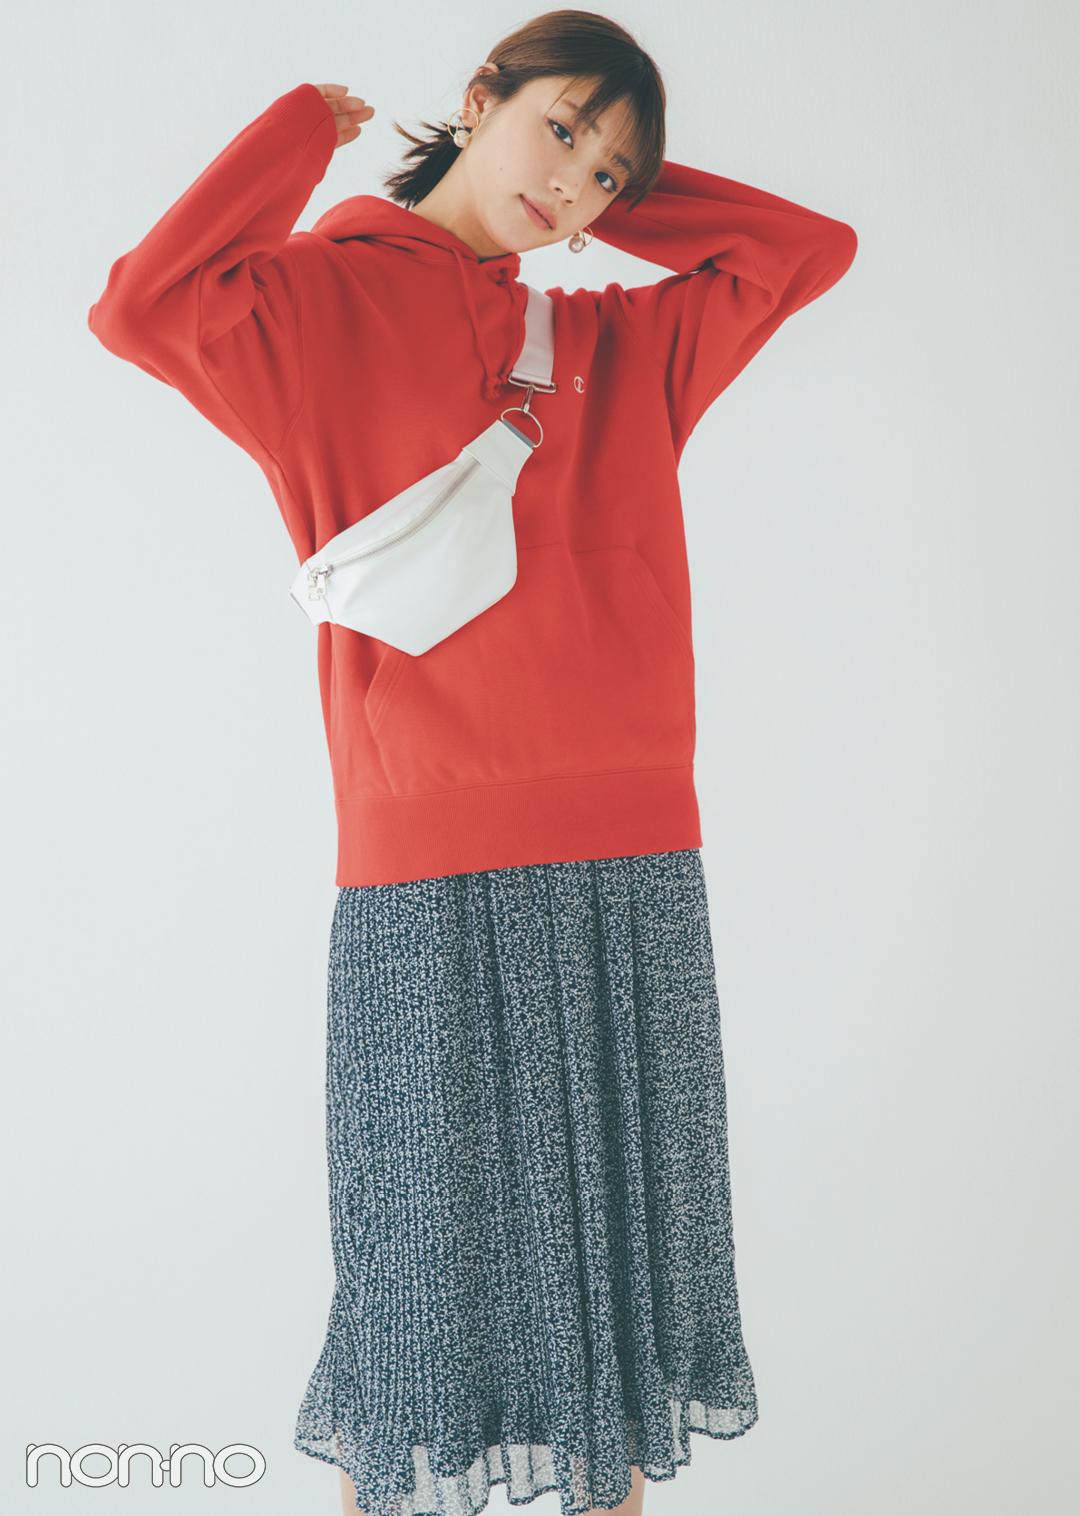 貴島明日香の赤×白×ネイビーがお手本! 好感度&おしゃれ感どっちも♡  _1_3-3